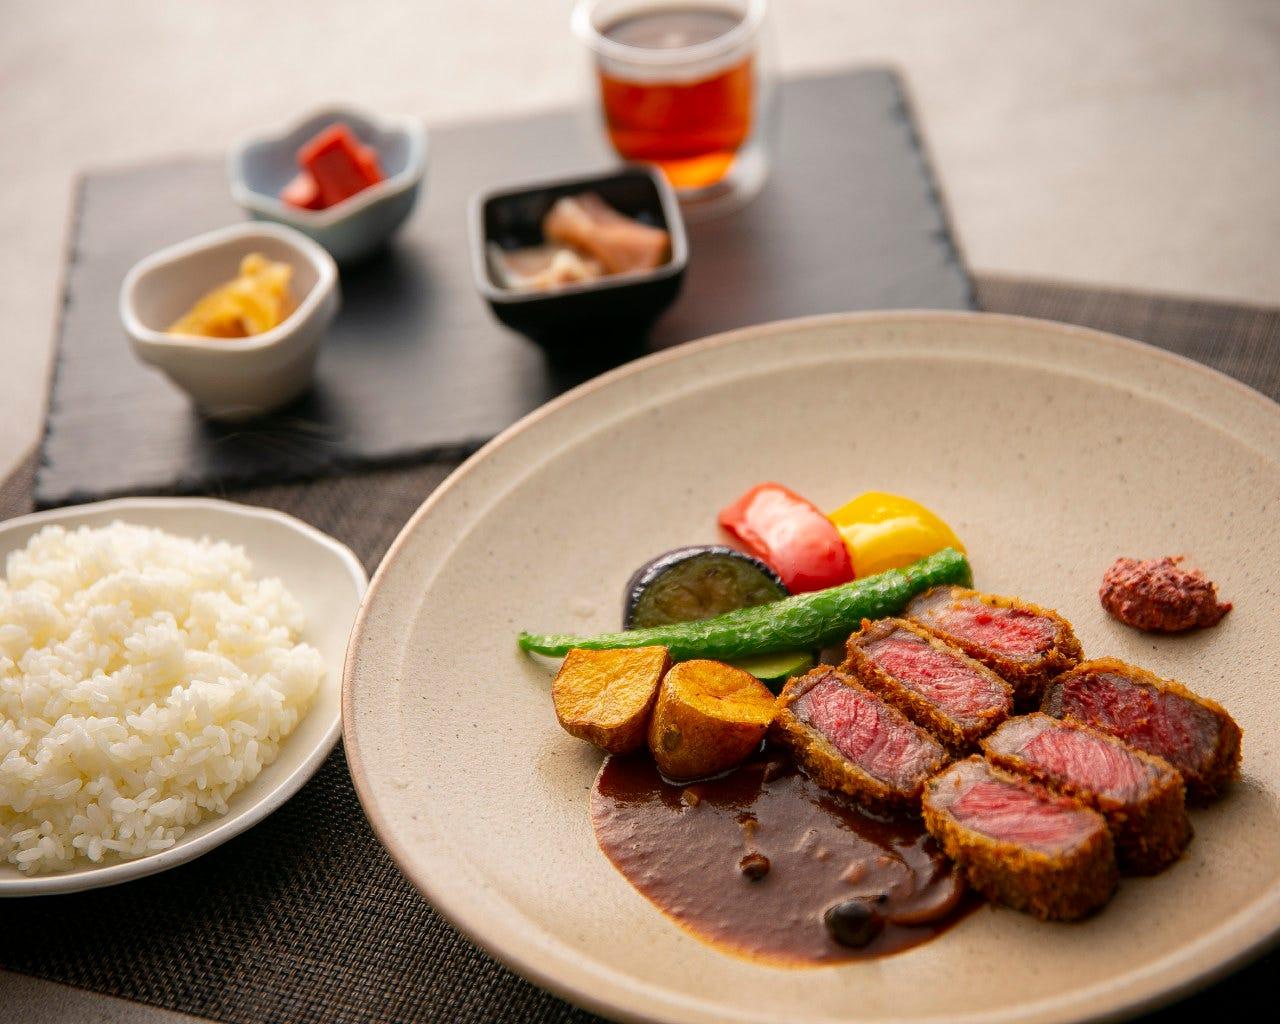 和牛ビフカツ・前菜・スープ付、炊き立てご飯と相性バツグン!!